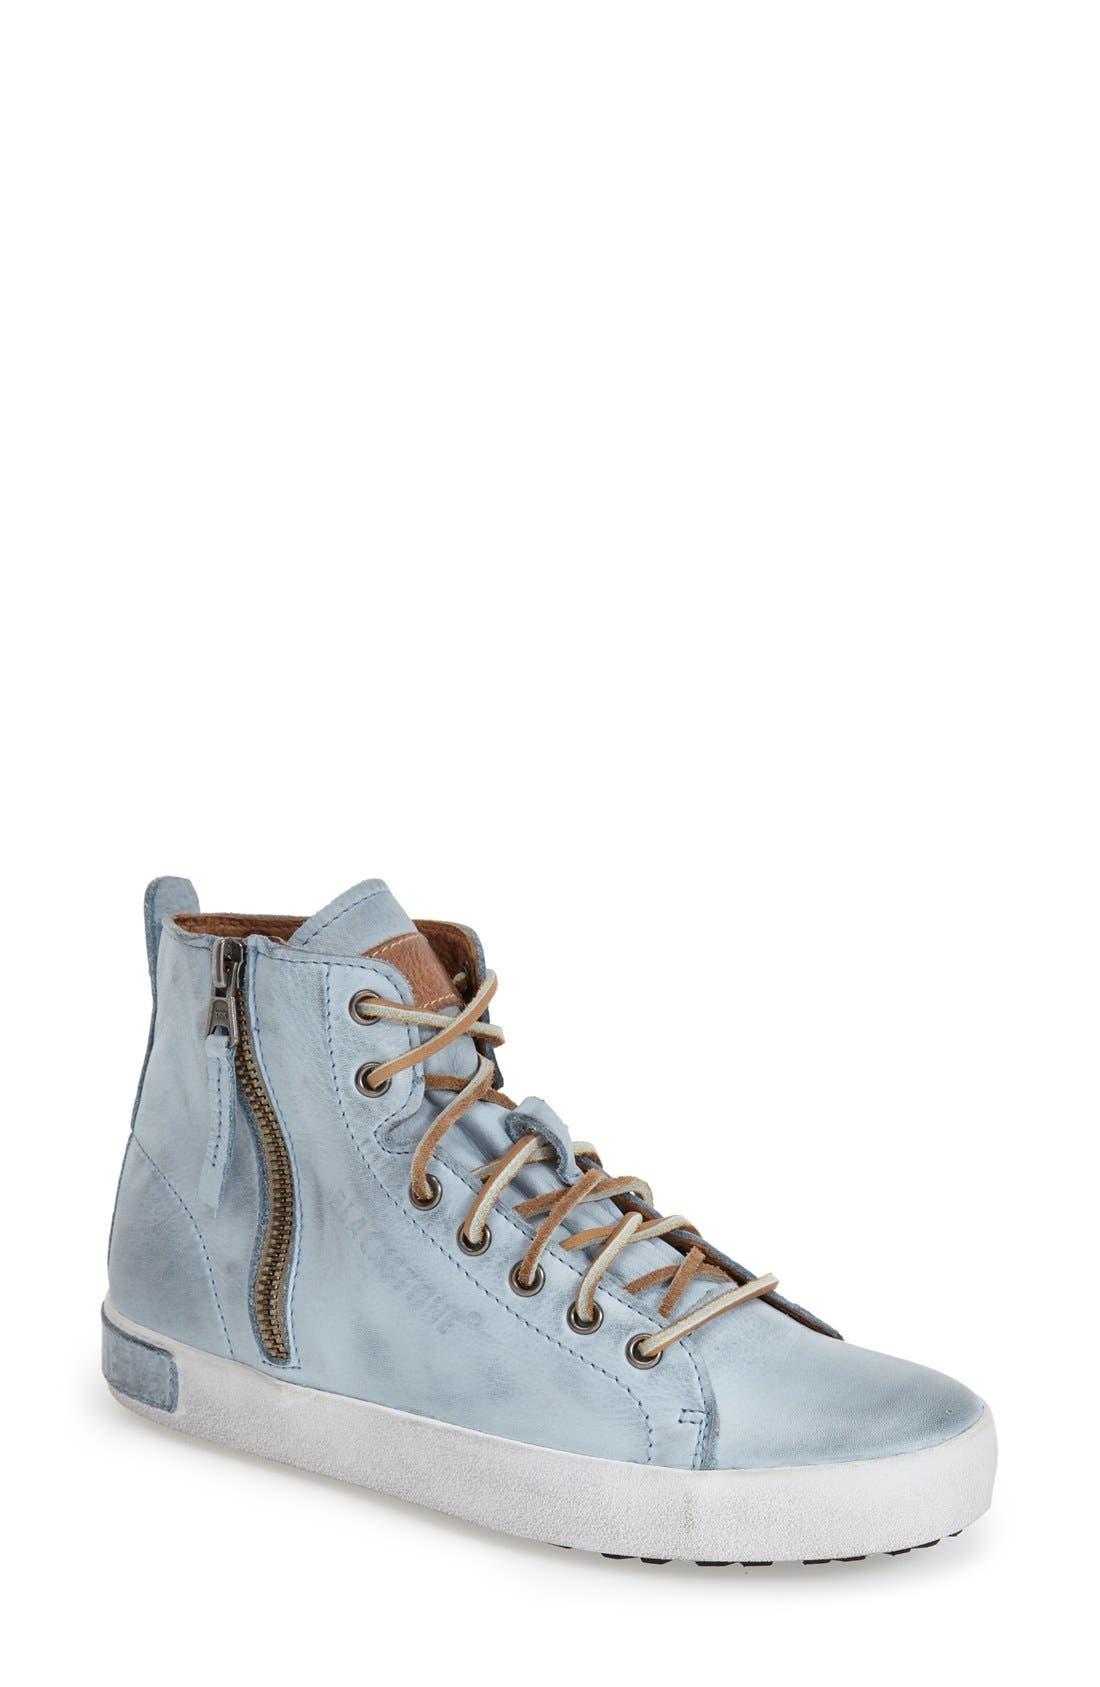 'JL' High Top Sneaker,                         Main,                         color, 421